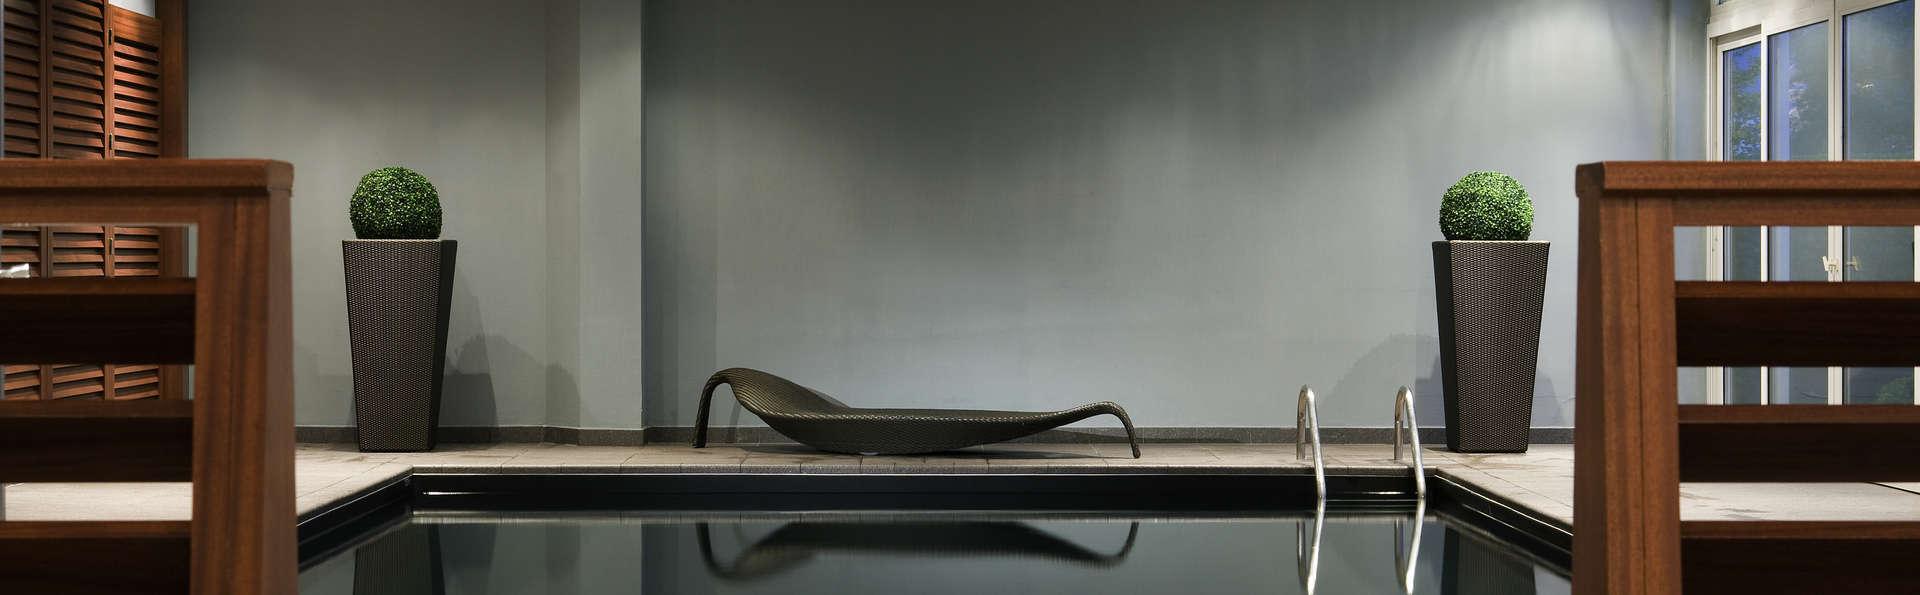 week end romantique blagnac avec cadeau de bienvenue partir de 139. Black Bedroom Furniture Sets. Home Design Ideas